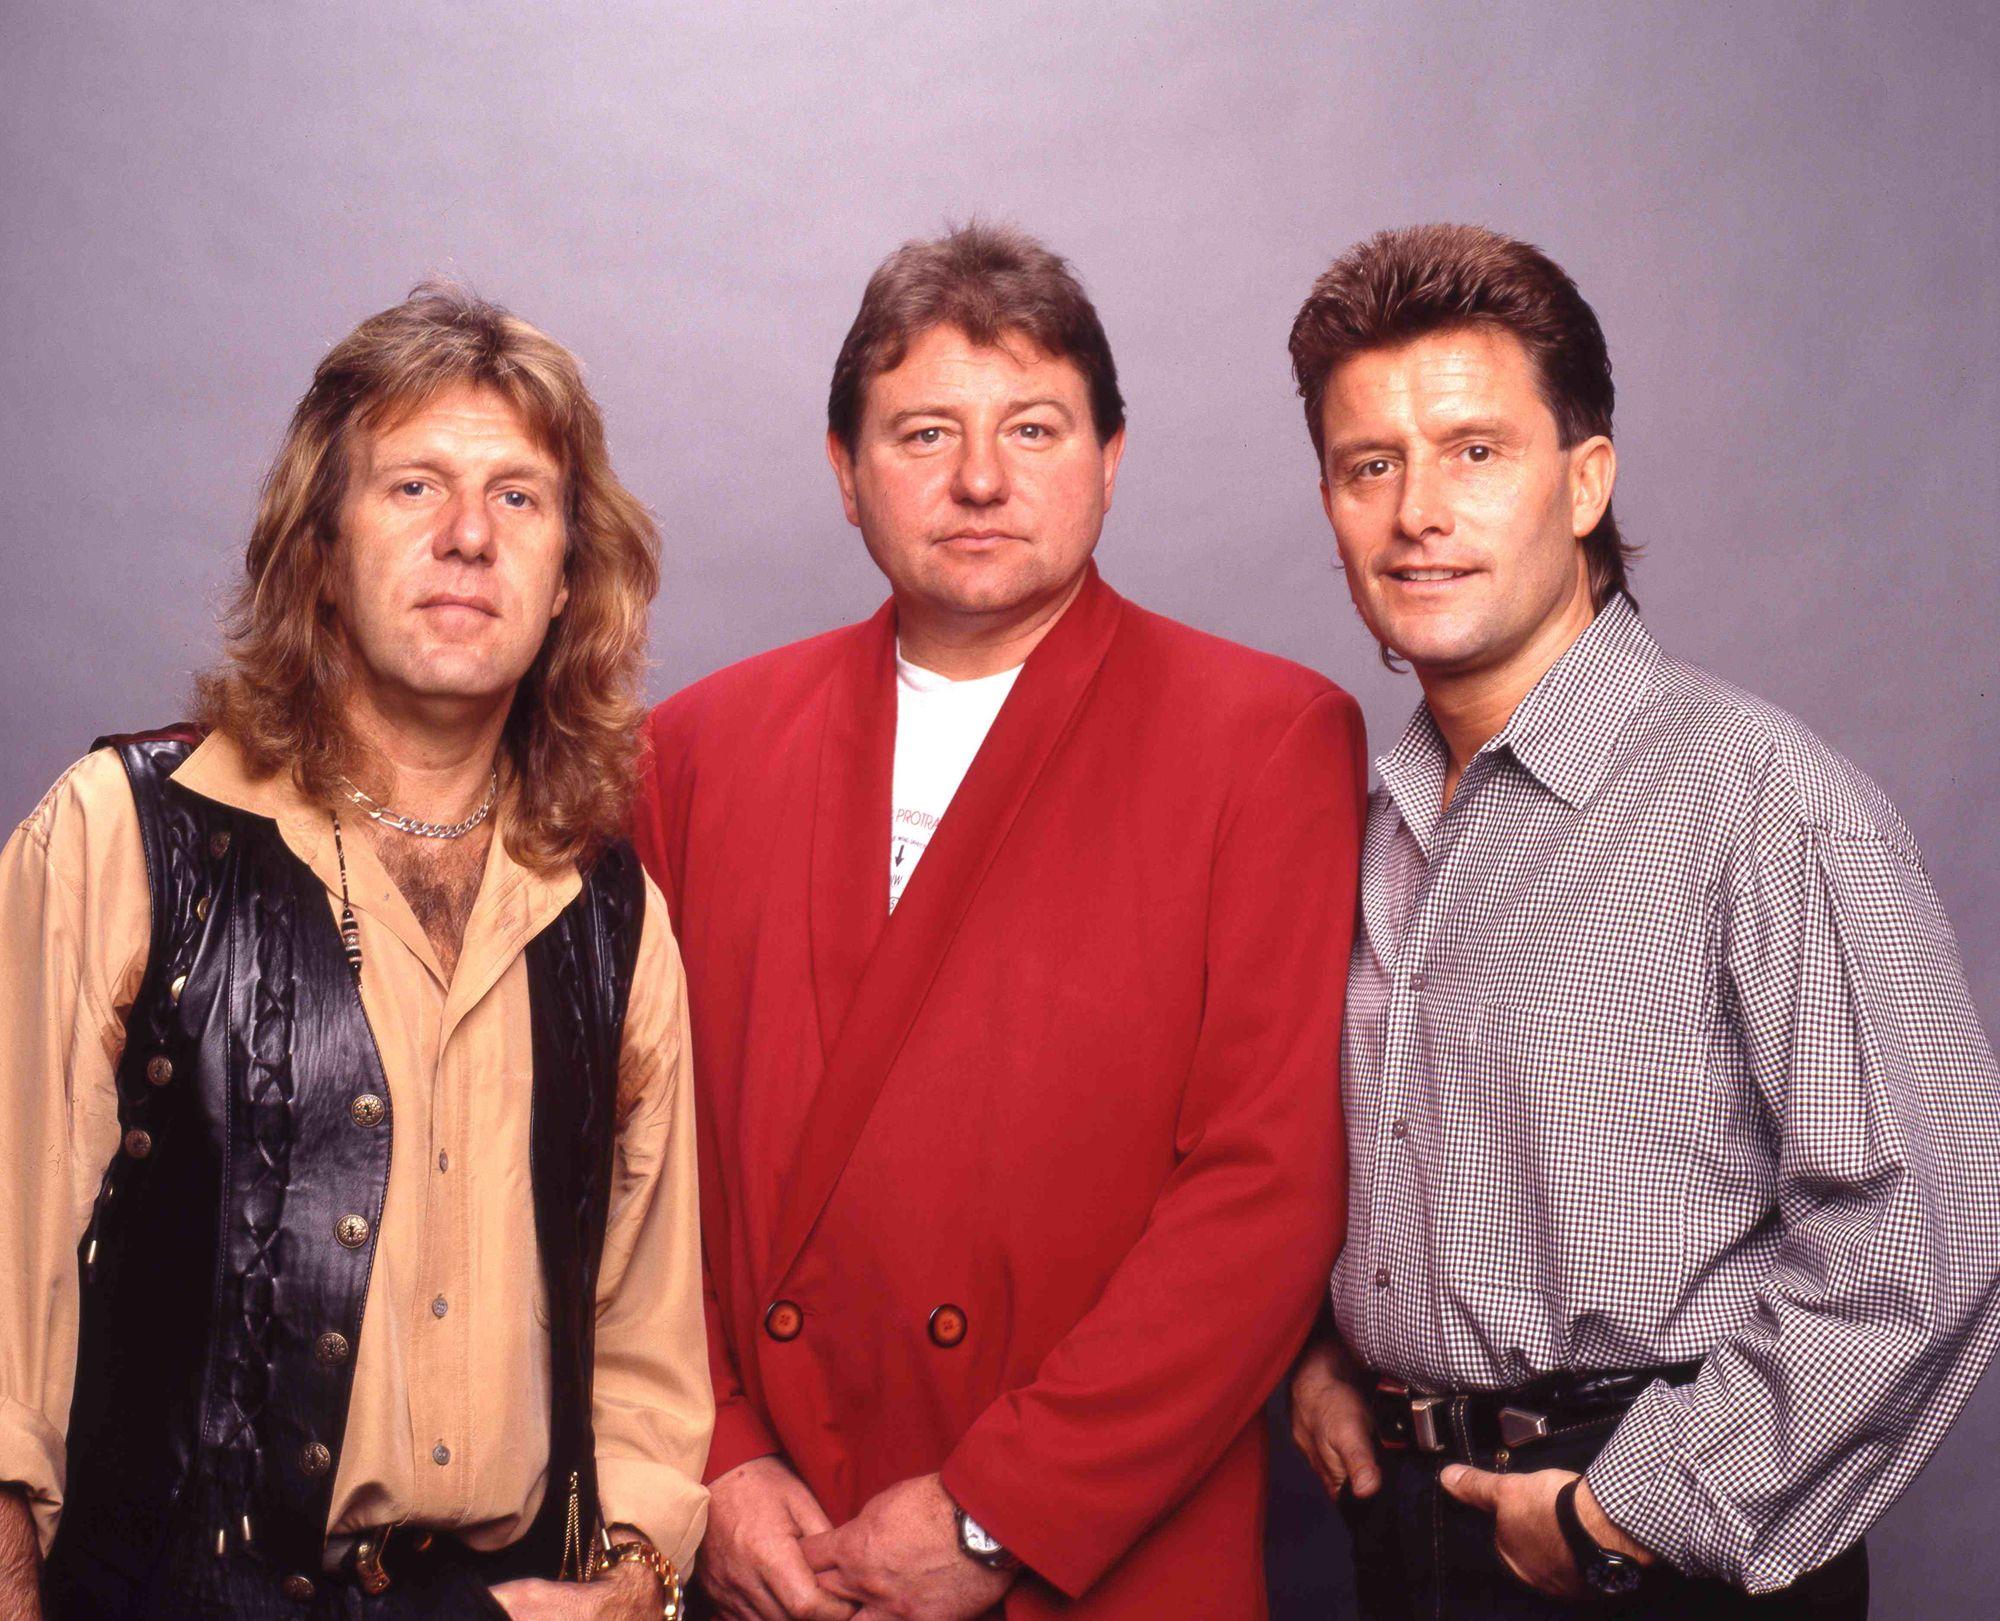 Resultado de imagen de ELP   Emerson, Lake & Palmer